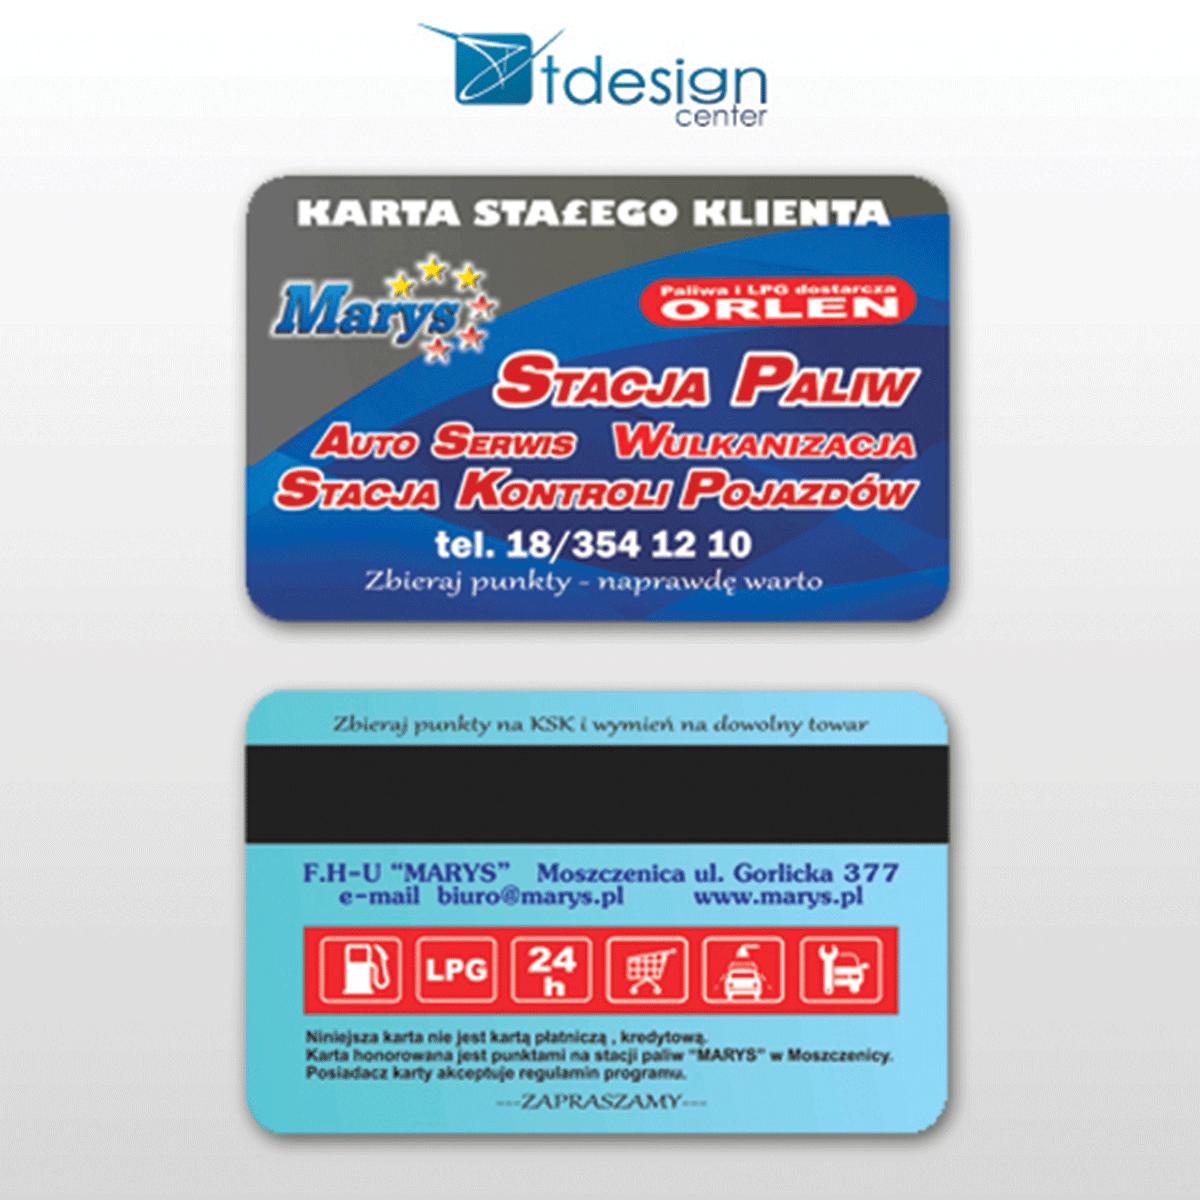 Karta plastikowa 85x54mm, pasek magnetyczny - projekt + druk, realizacja dla firmy Marys